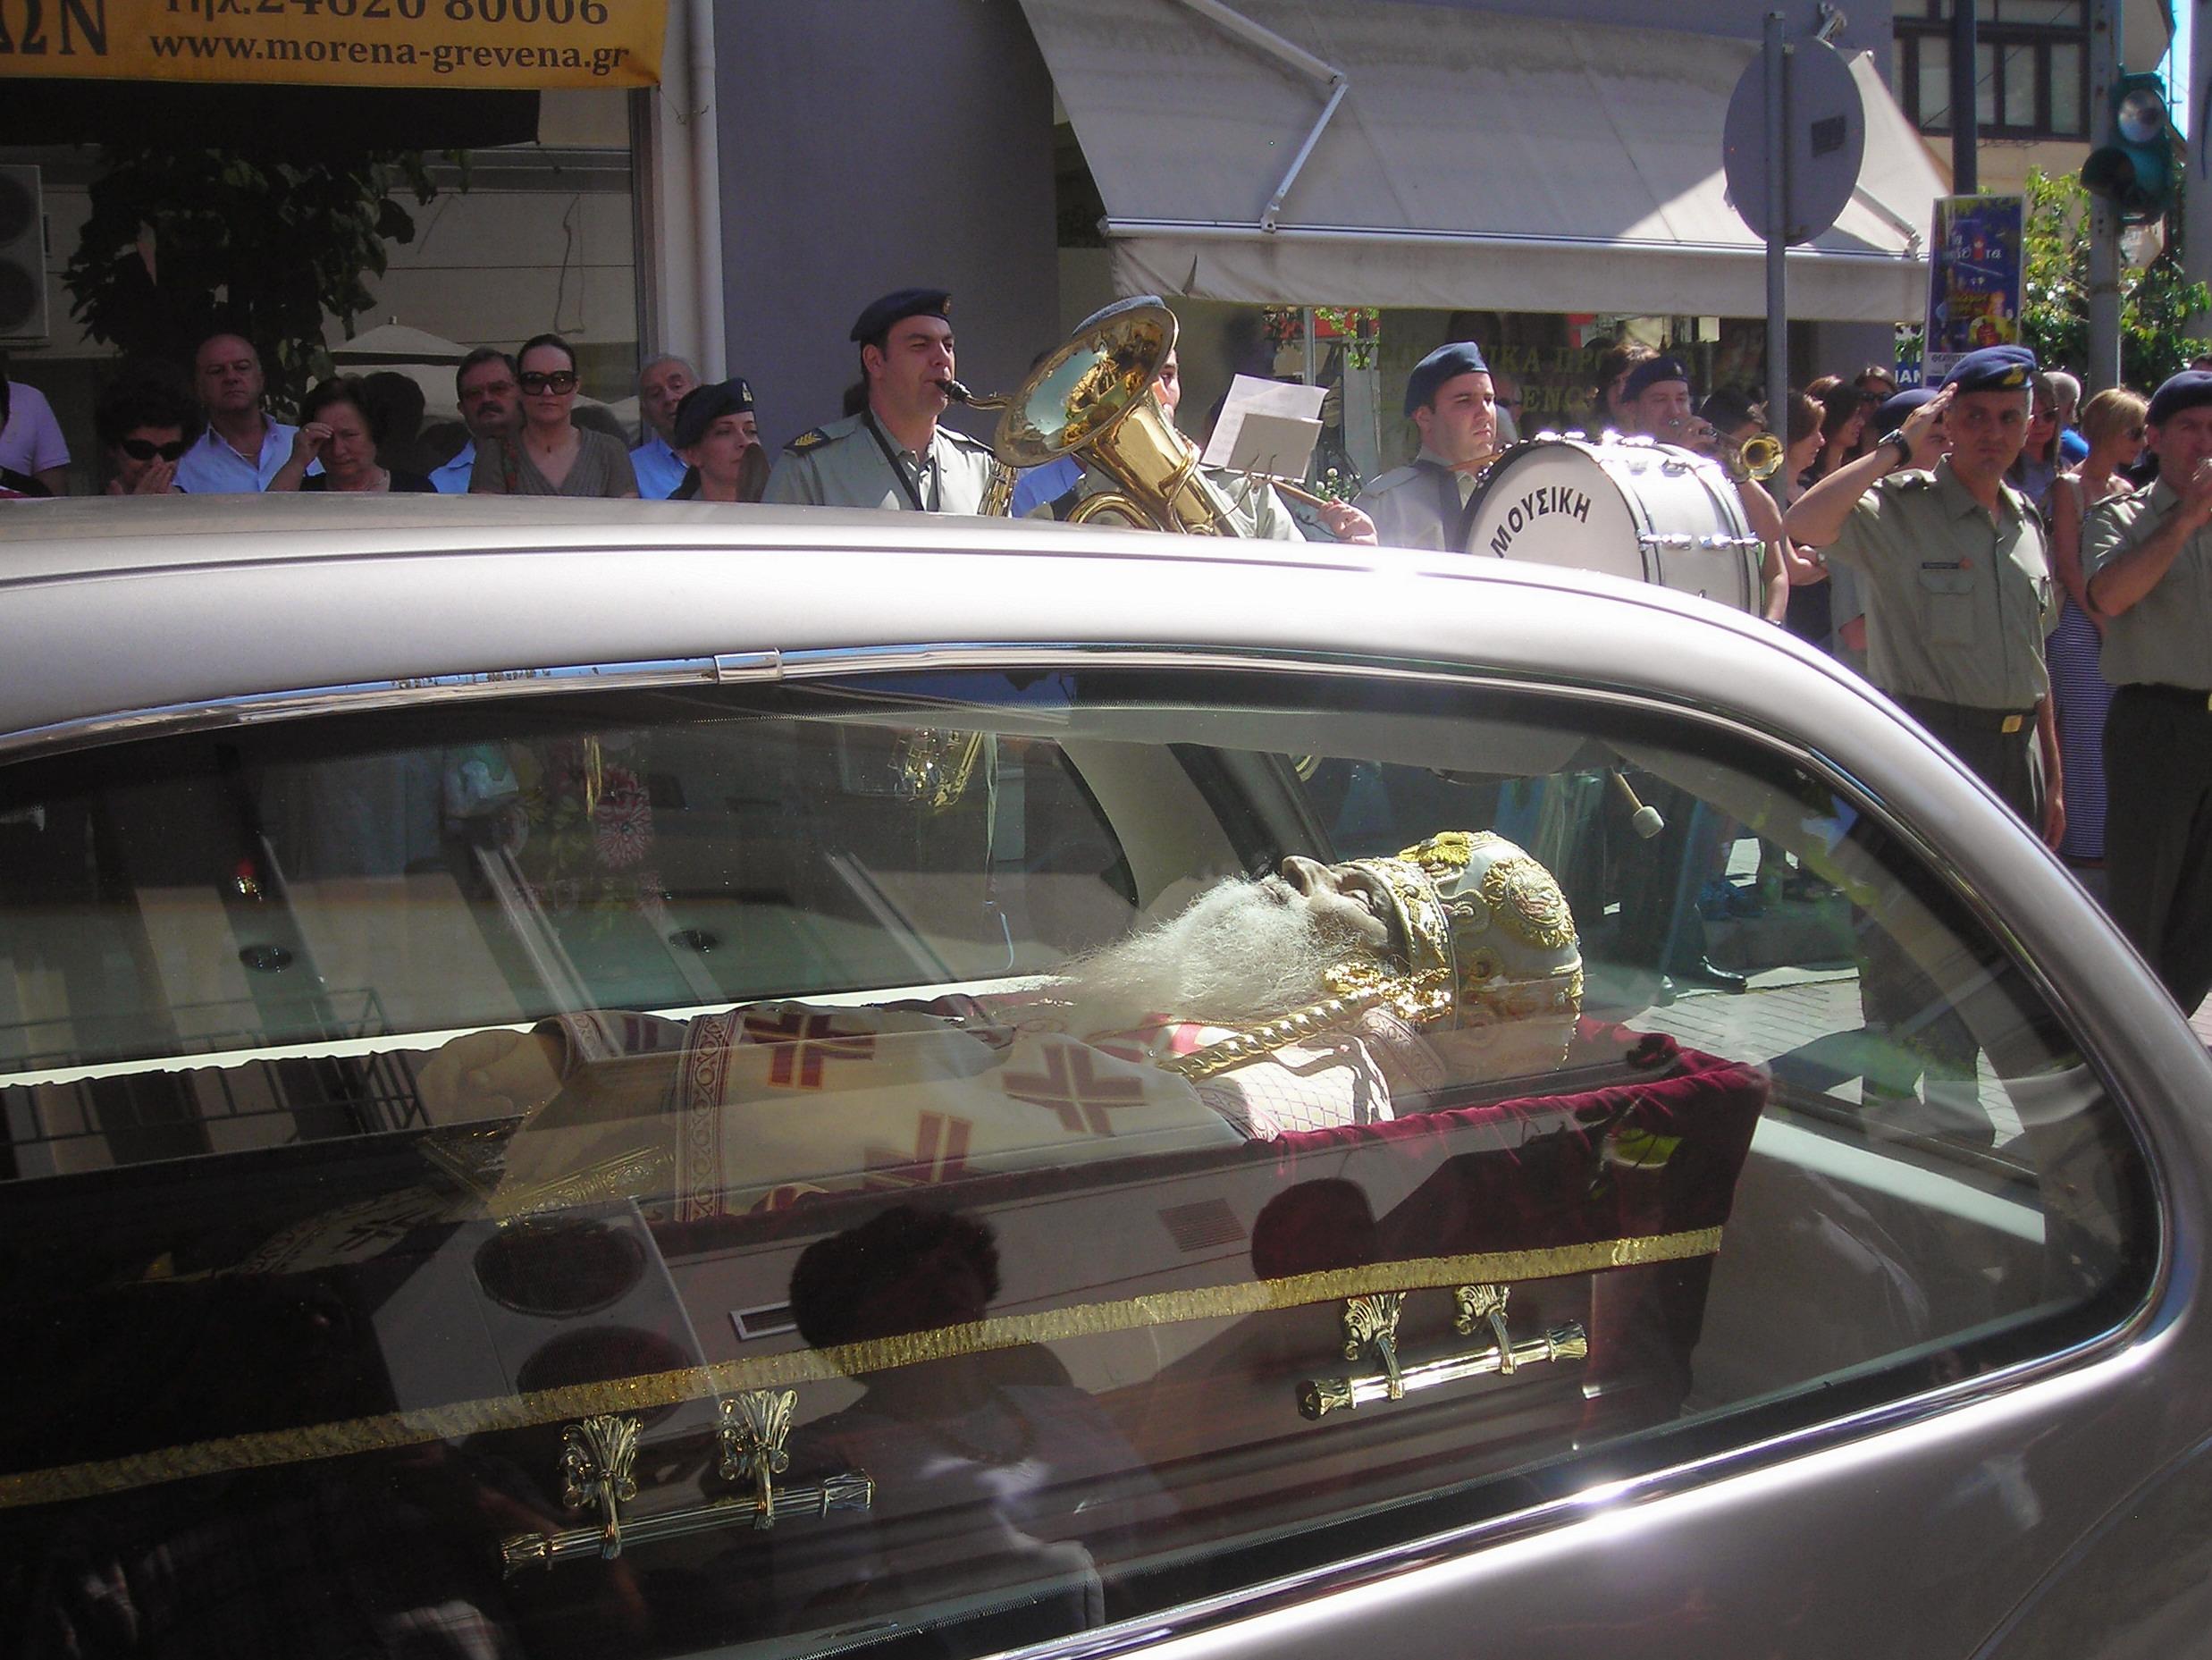 video~Στον Ιερό Ναό της Ευαγγελιστρίας Γρεβενών για προσκύνημα το σεπτό σκήνωμα του Μητροπολίτη Σεργίου.